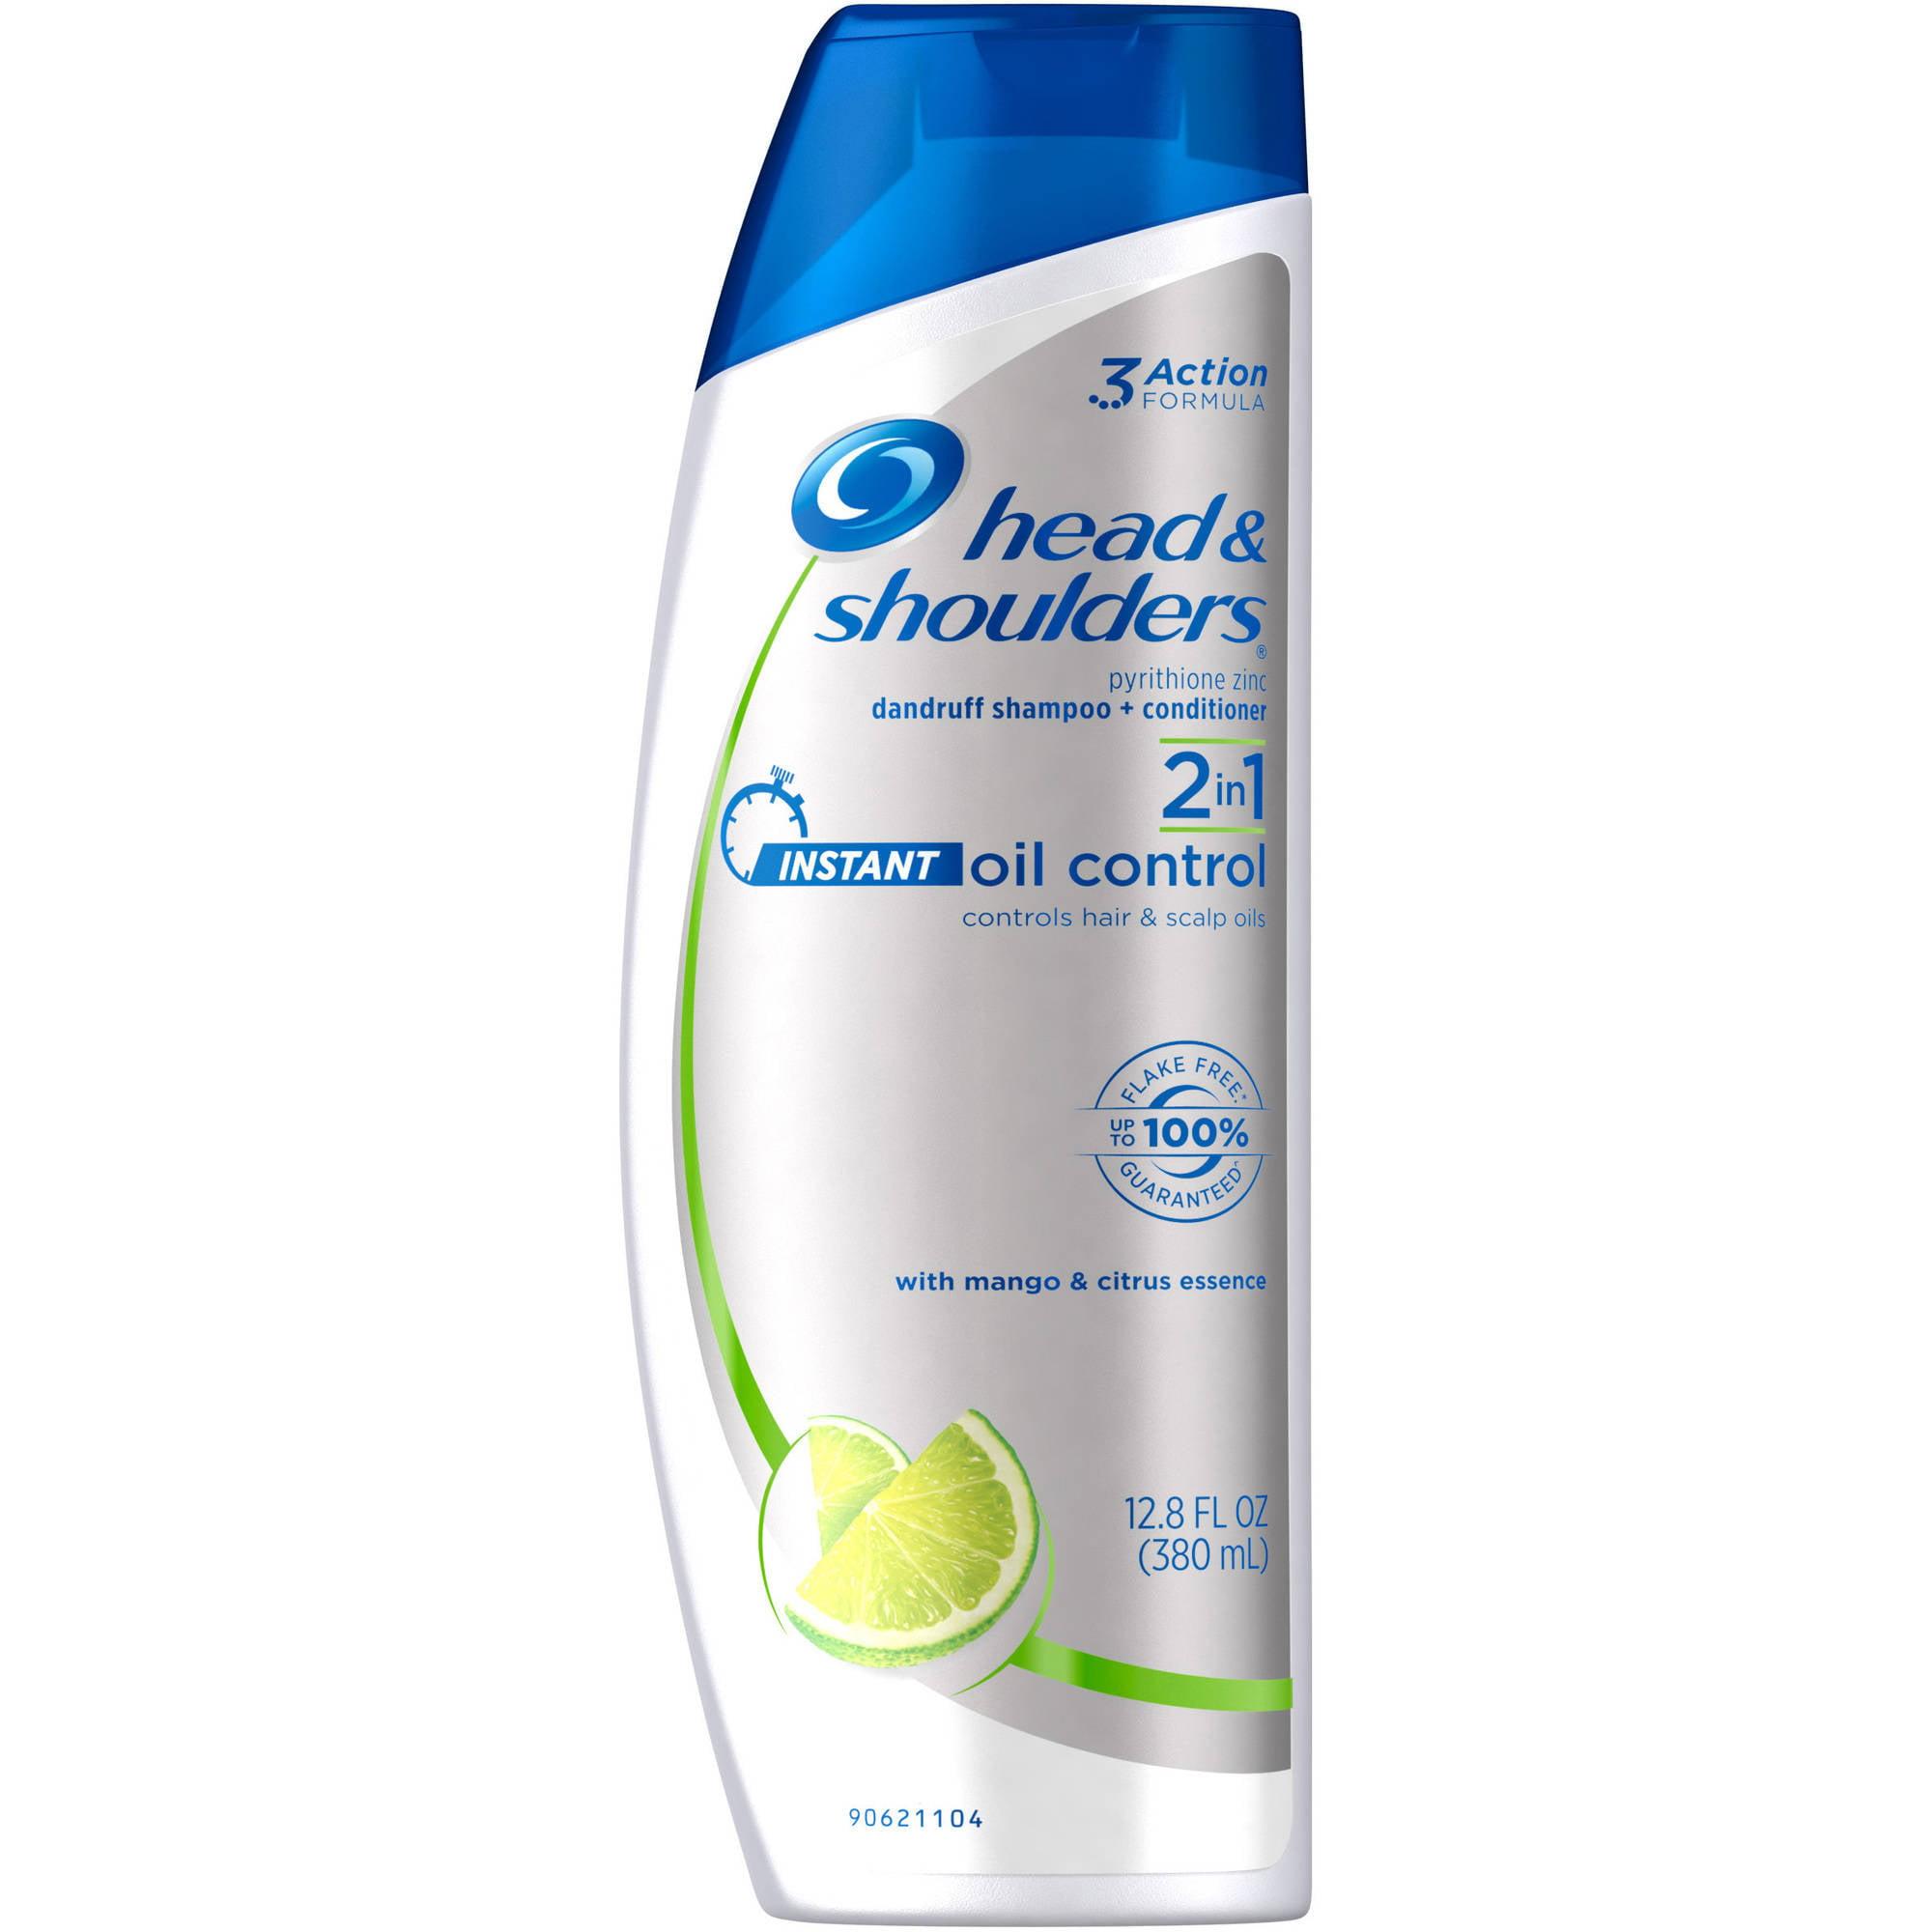 Head & Shoulders Instant Oil Control 2-in-1 Dandruff Shampoo + Conditioner, 12.8 fl oz